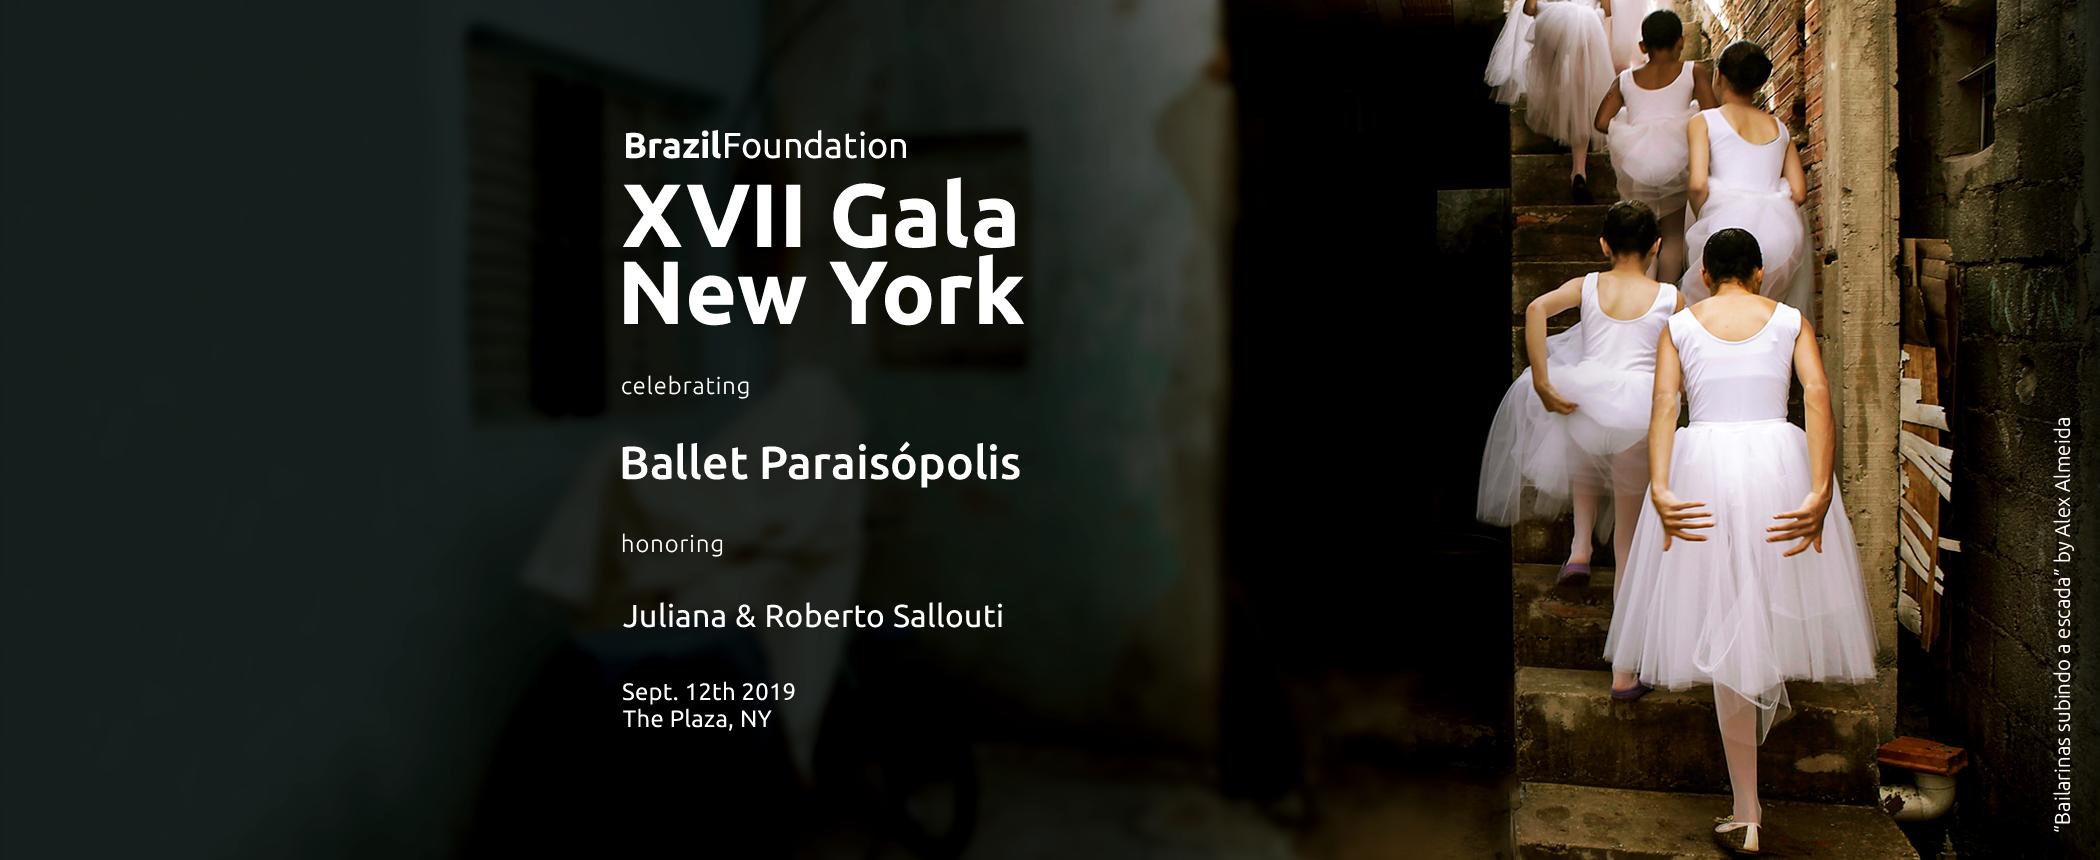 XVII Gala New York 2019 Ballet Paraisopolis Filantropia Philanthropy BrazilFoundation